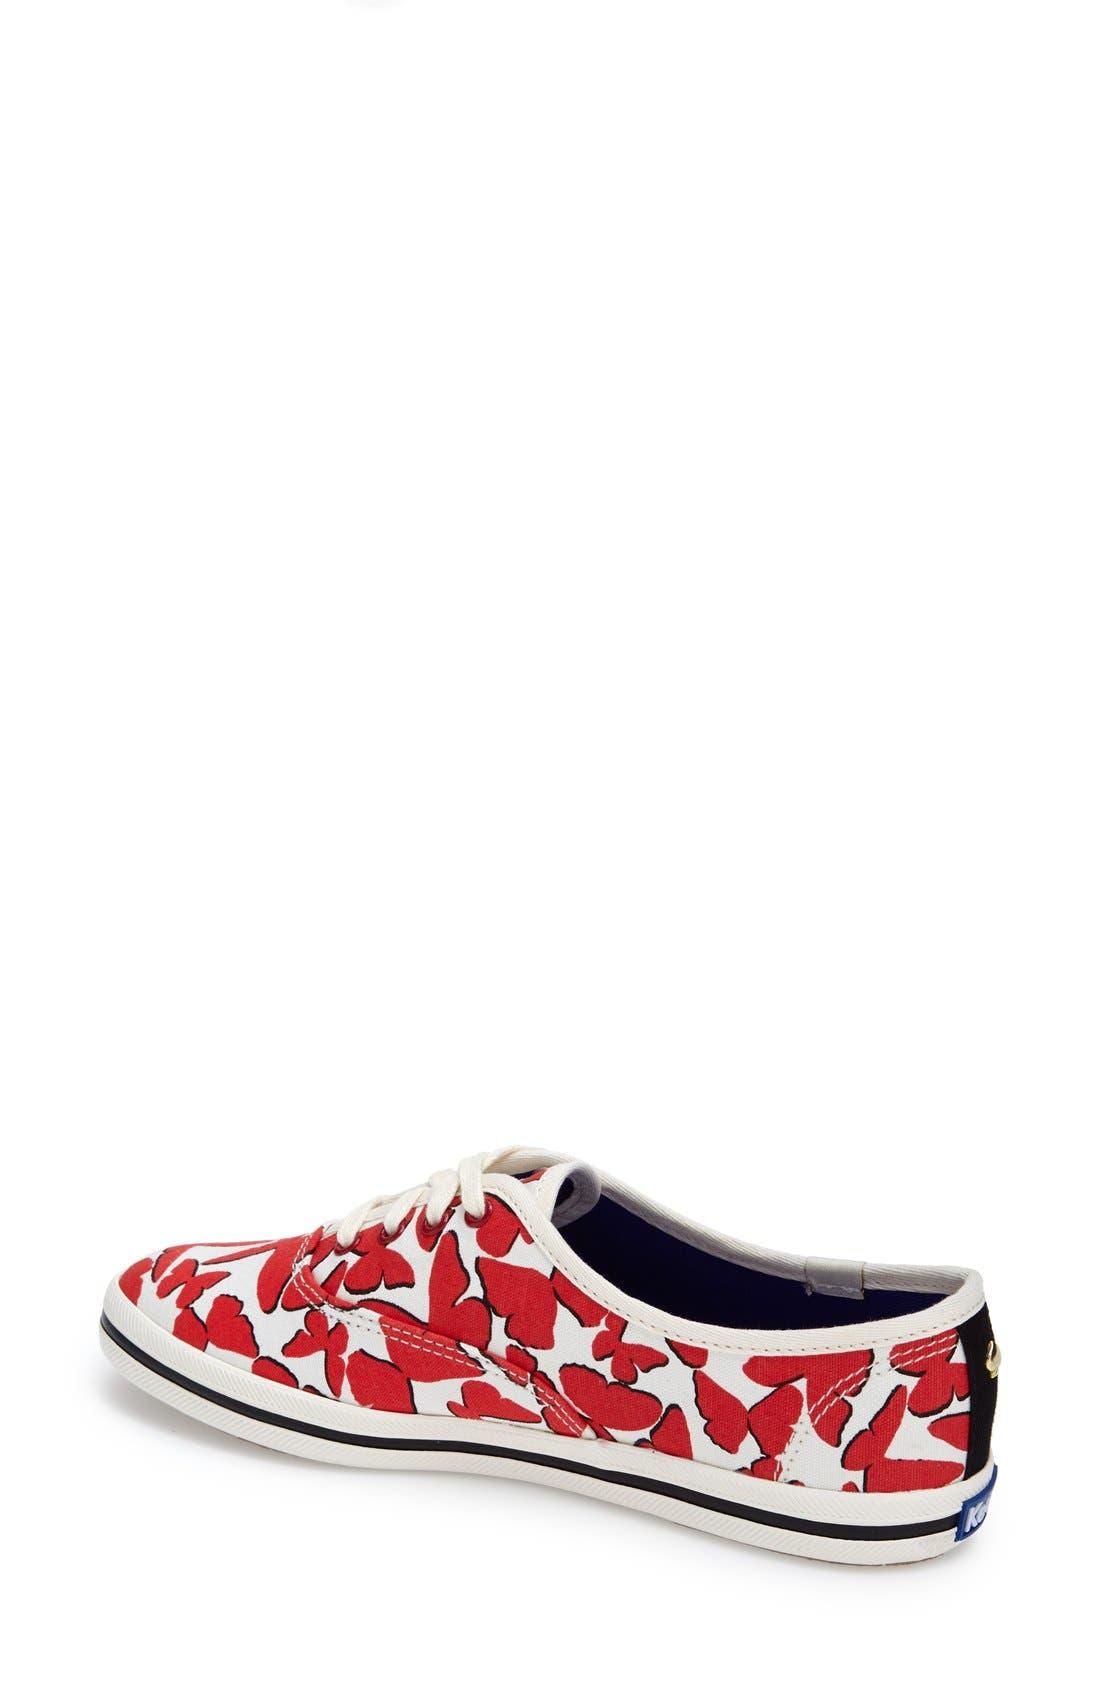 Alternate Image 2  - Keds® for kate spade new york 'kick' sneaker (Women)